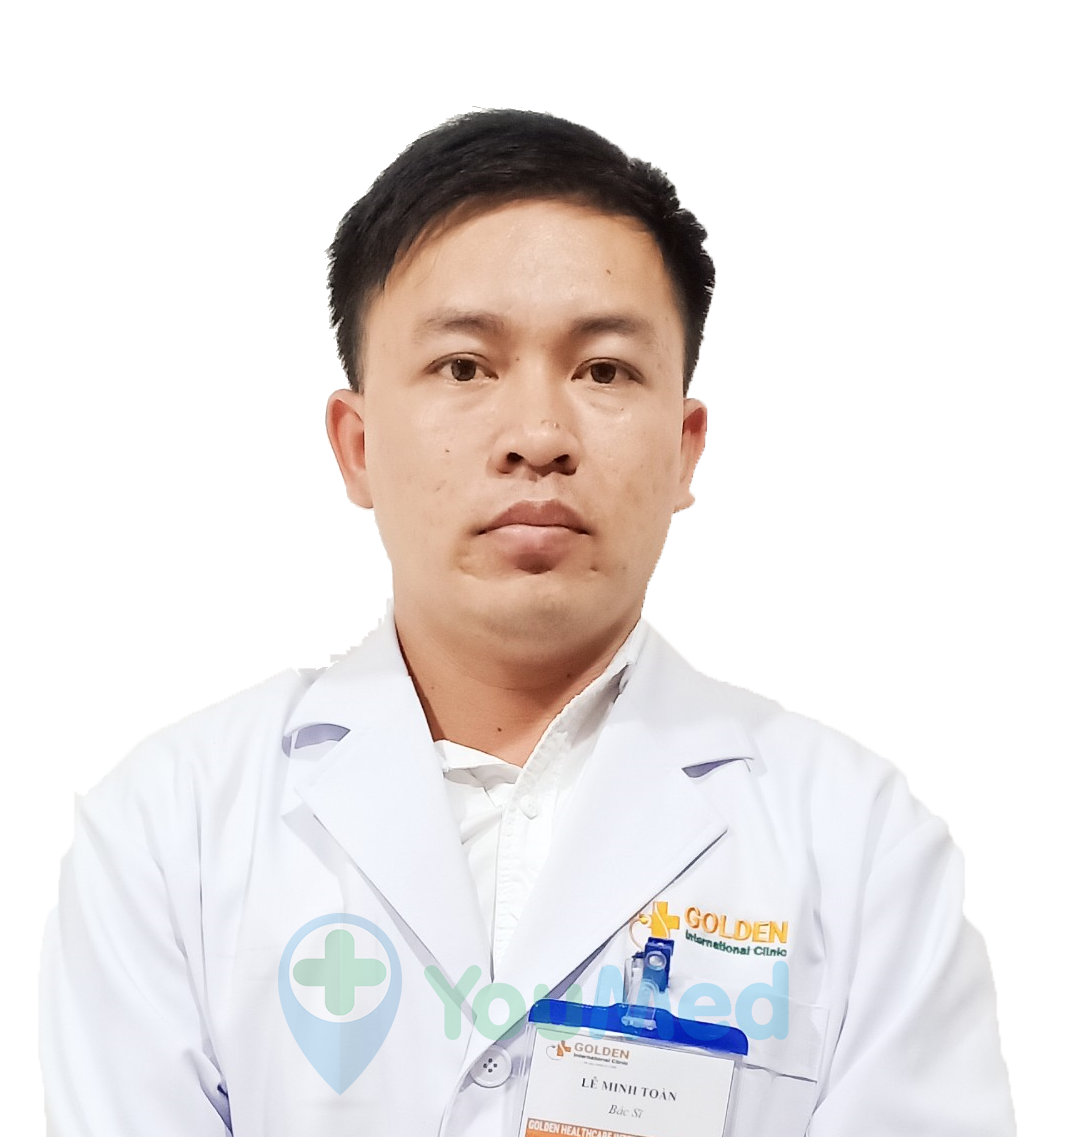 Bác sĩ LÊ MINH TOÀN